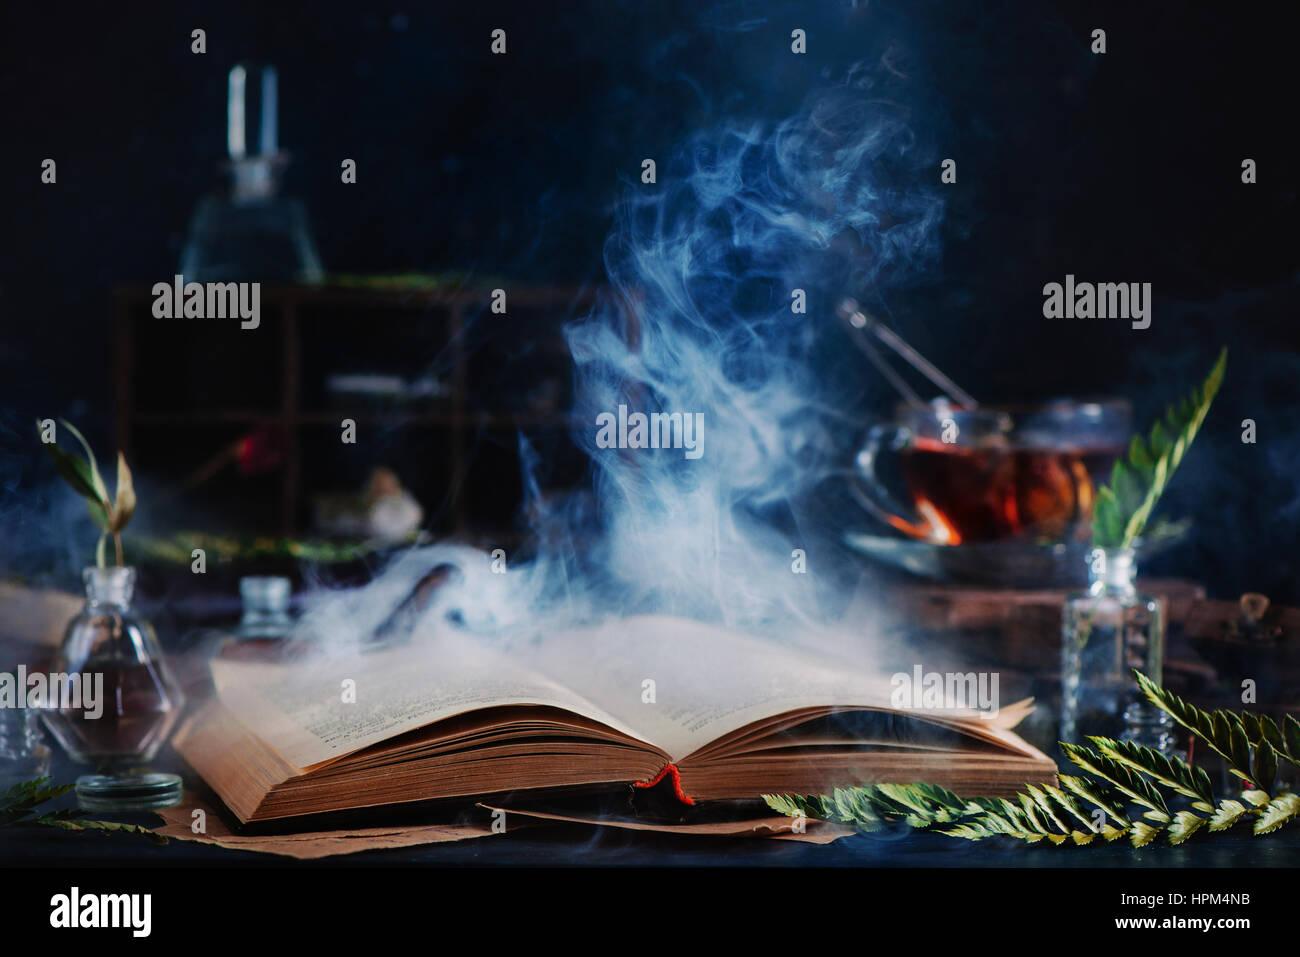 Bodegón con Abrir libro de hechizos mágicos, humo, hierbas, té y herramientas de brujería Imagen De Stock